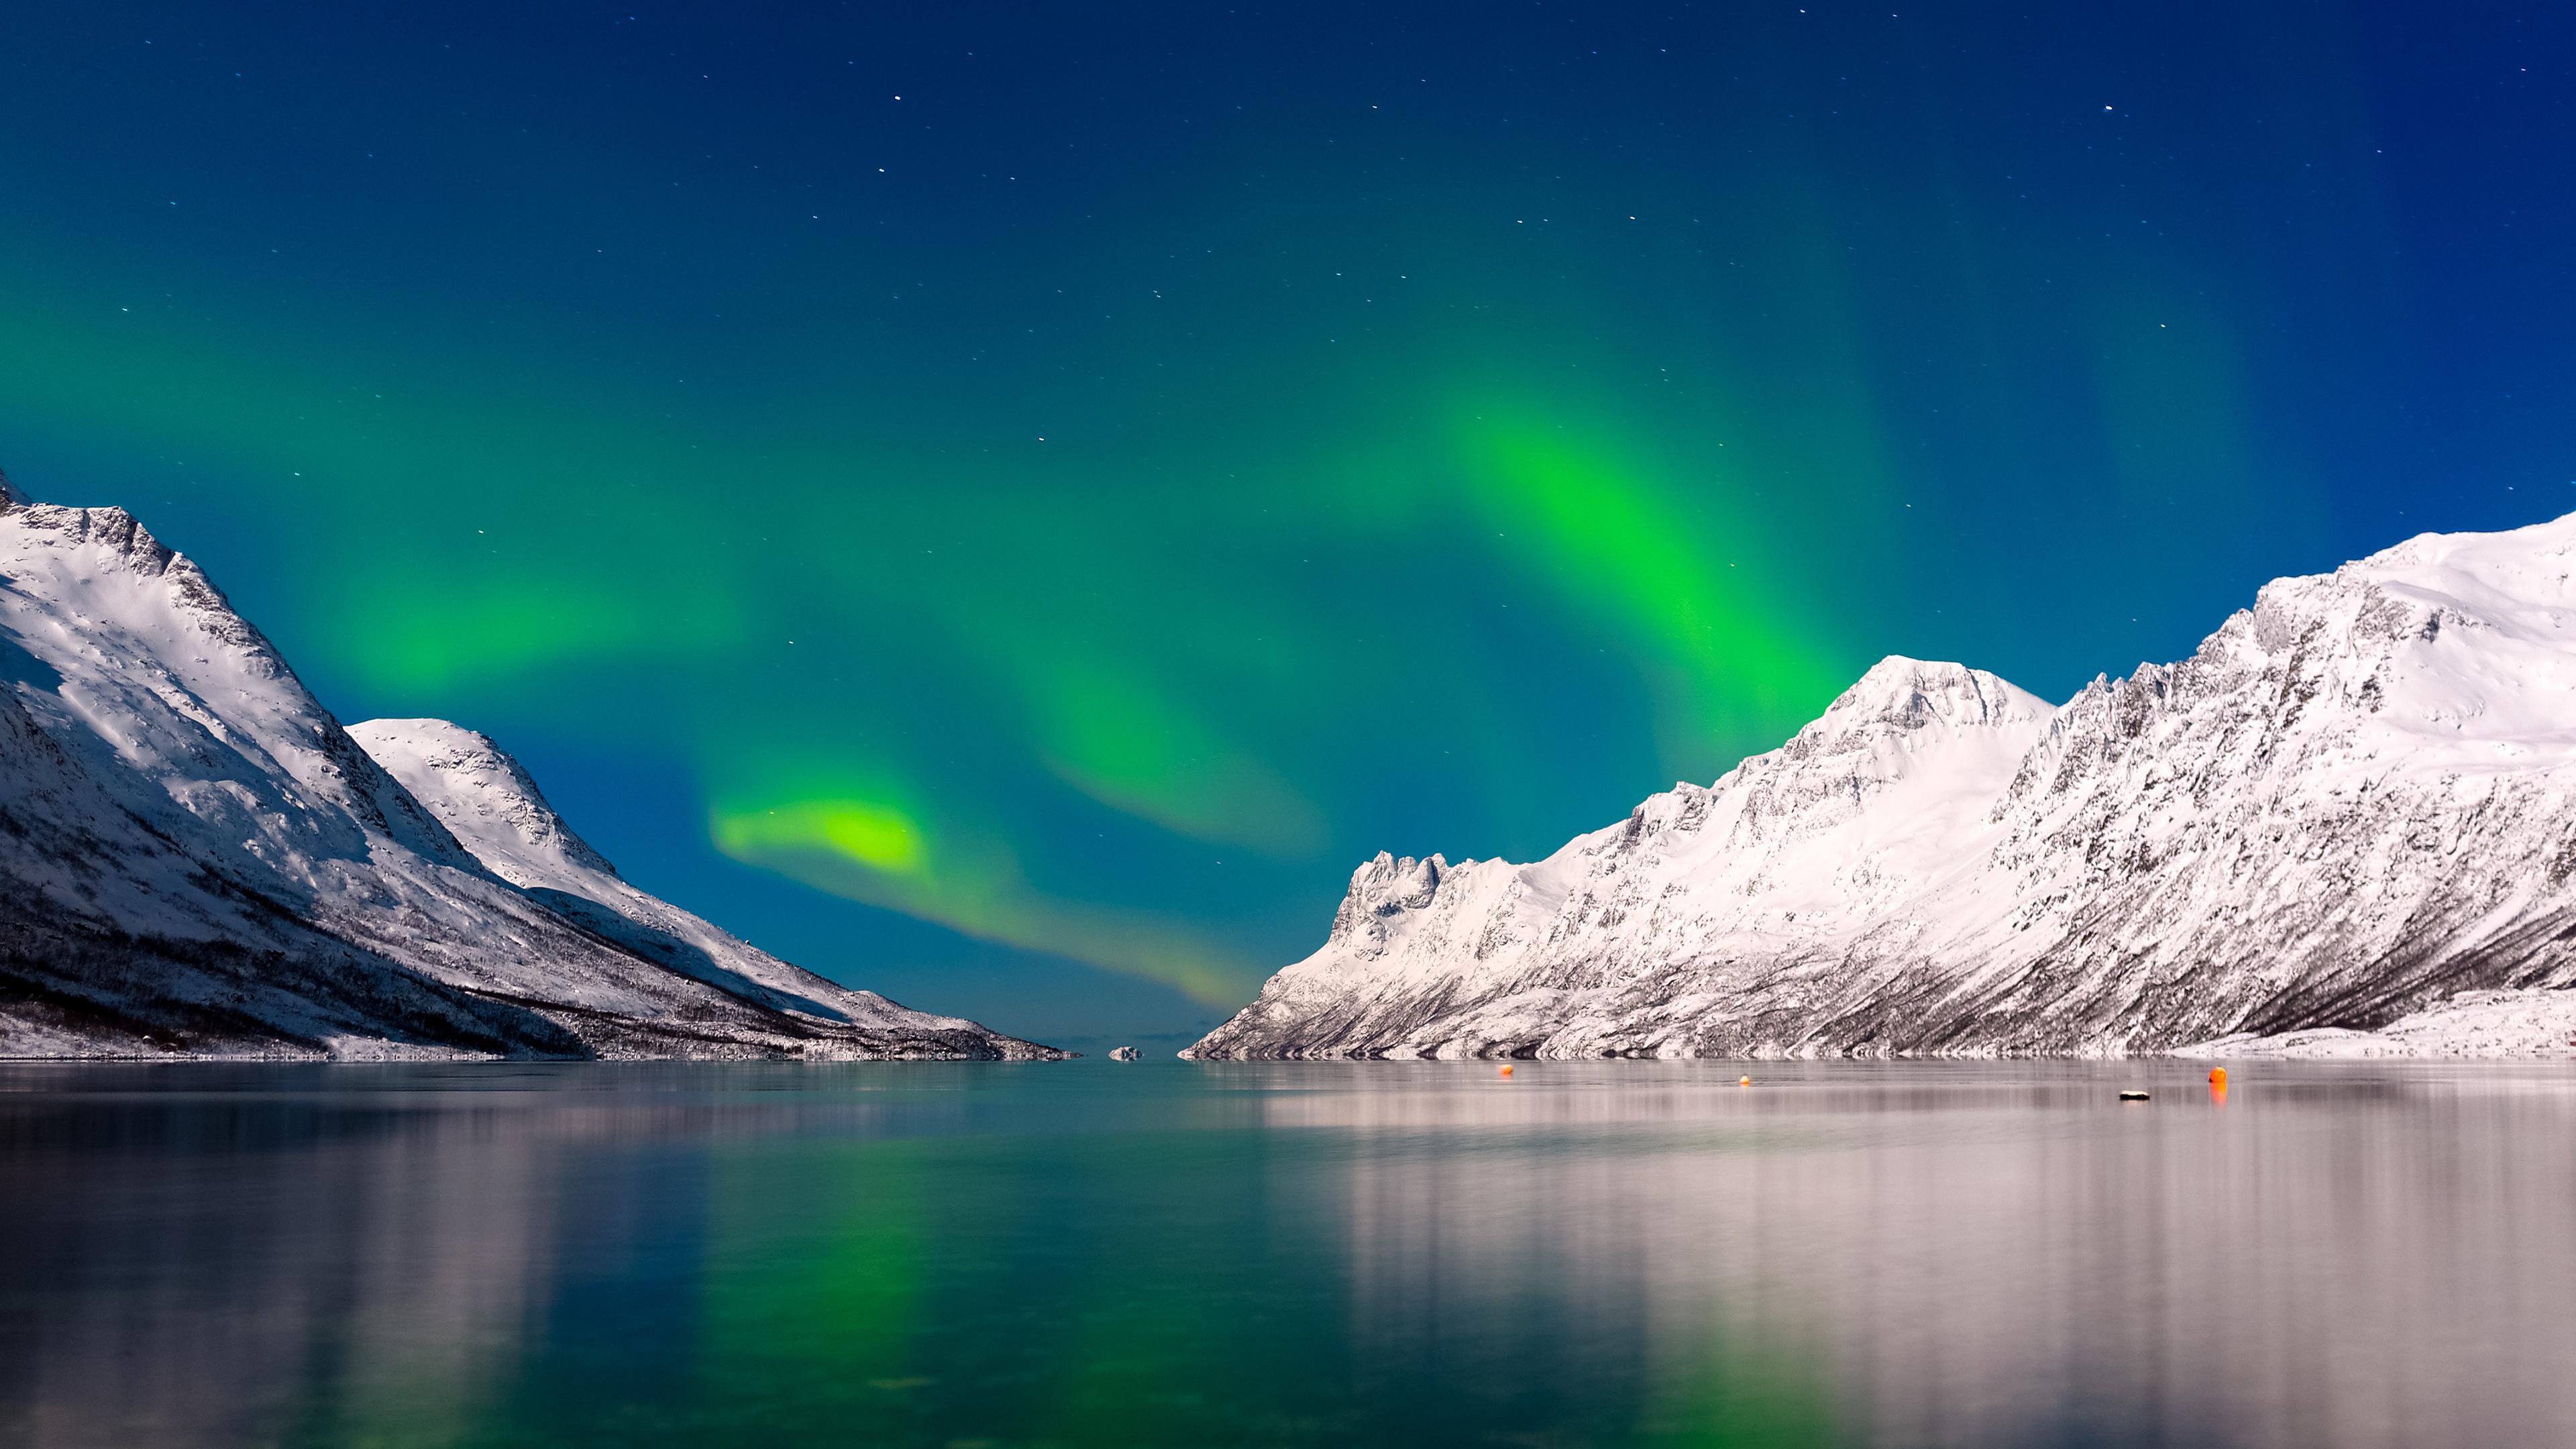 3d Galaxy Wallpaper Widescreen Aurora Boreal 4k Ultra Papel De Parede Hd Plano De Fundo